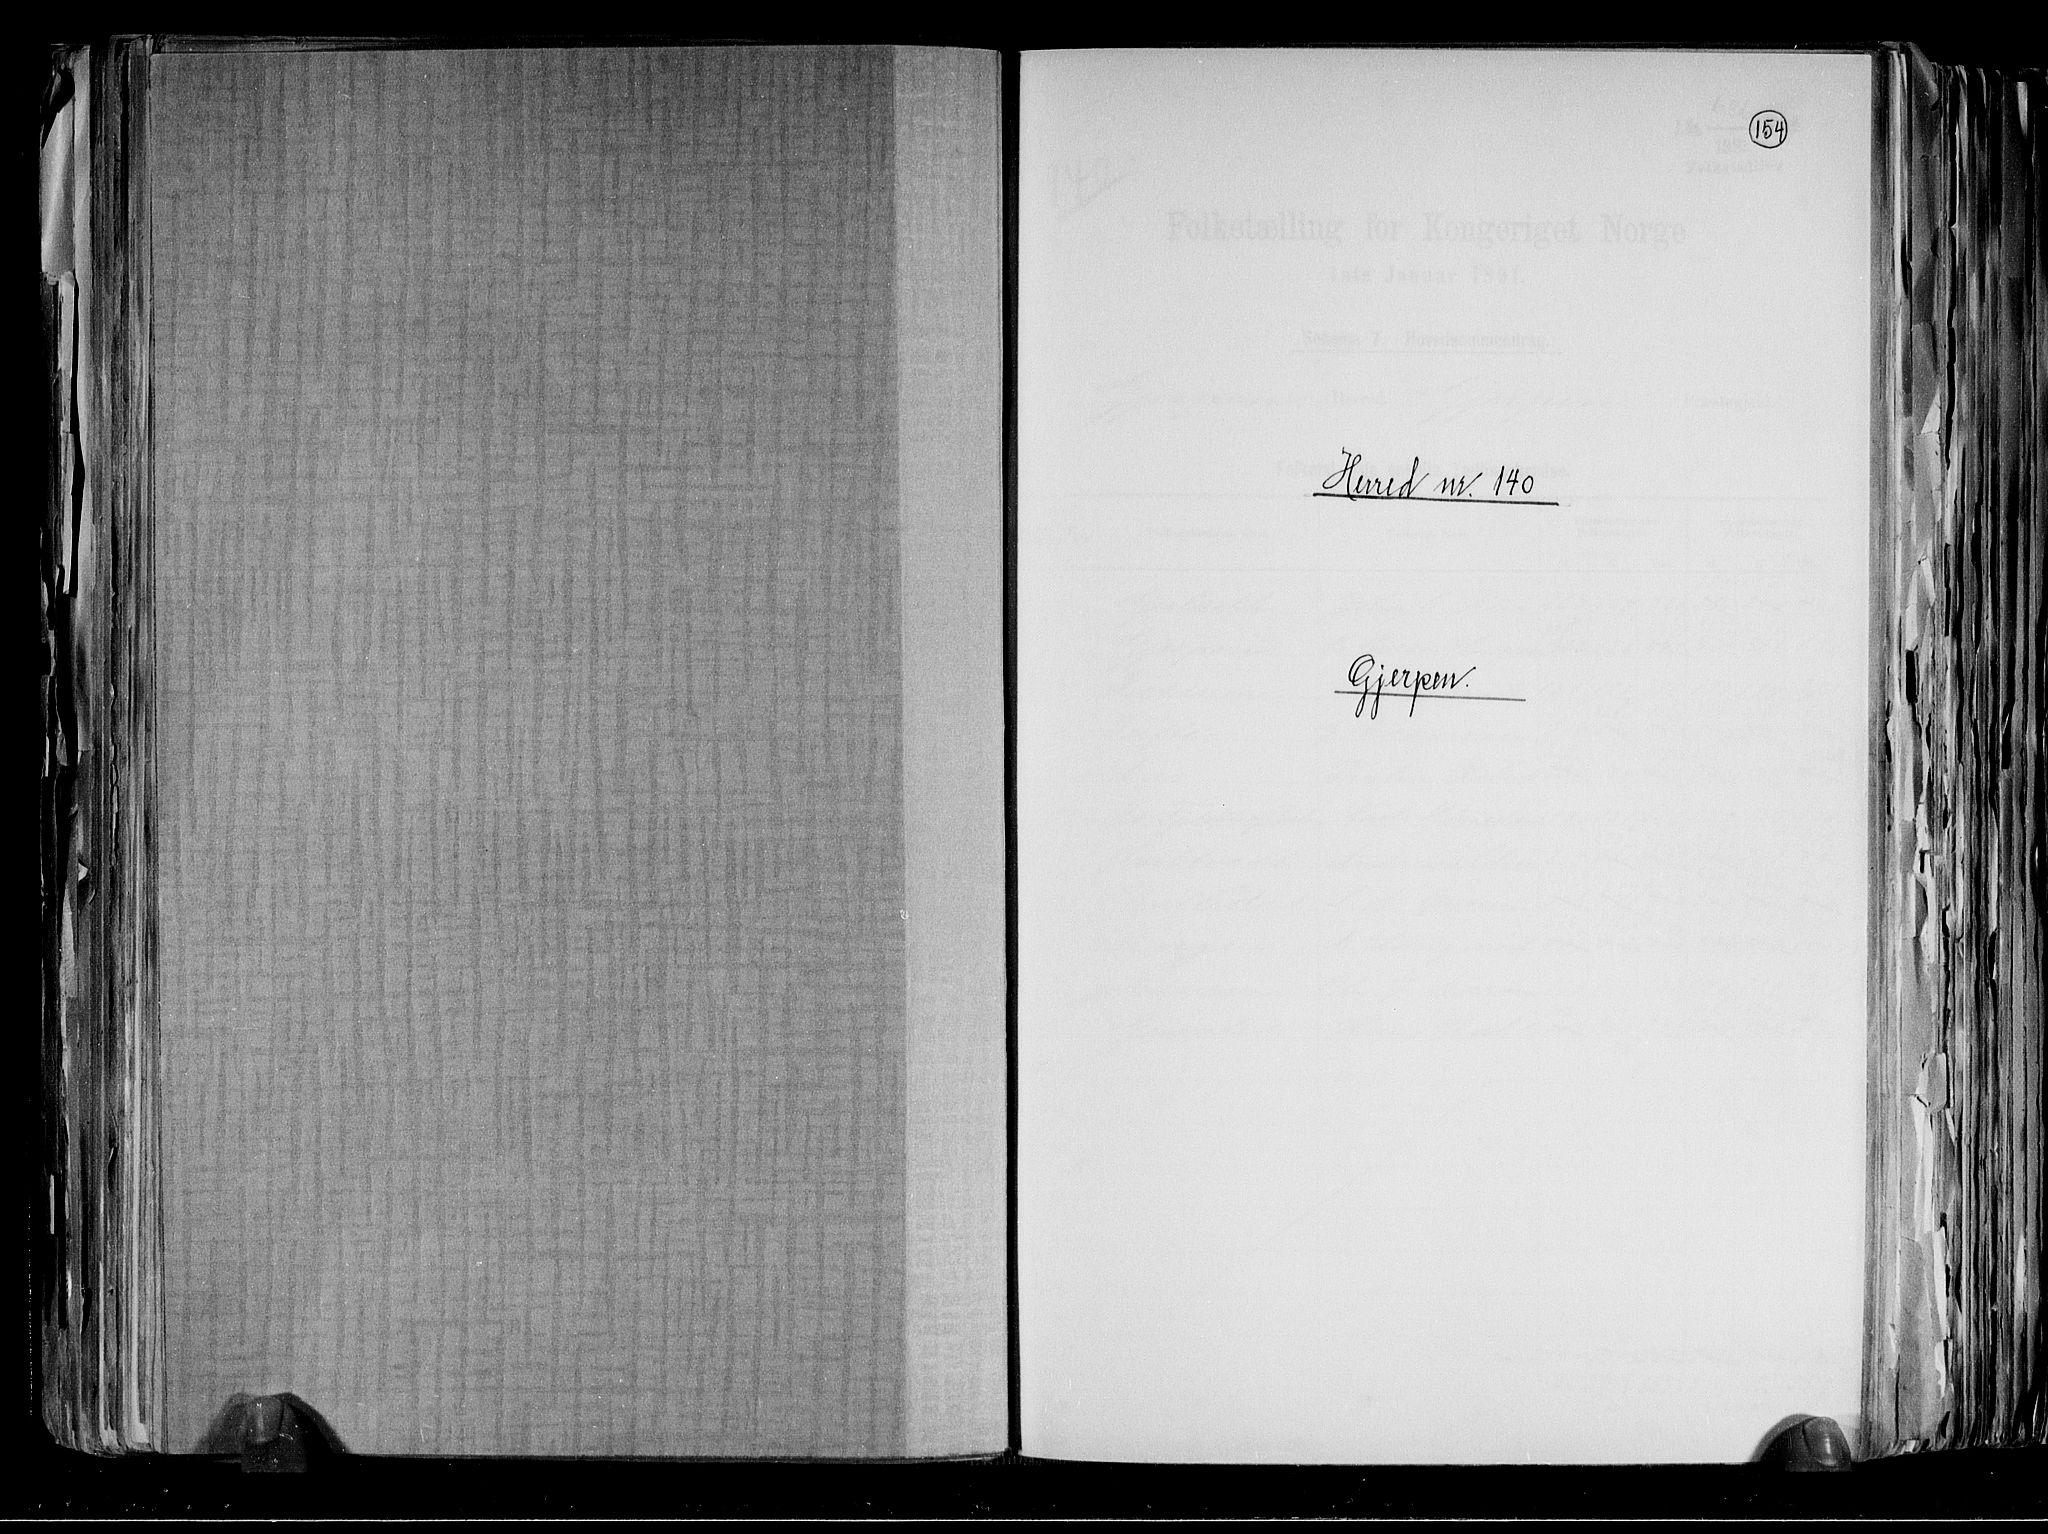 RA, Folketelling 1891 for 0812 Gjerpen herred, 1891, s. 1